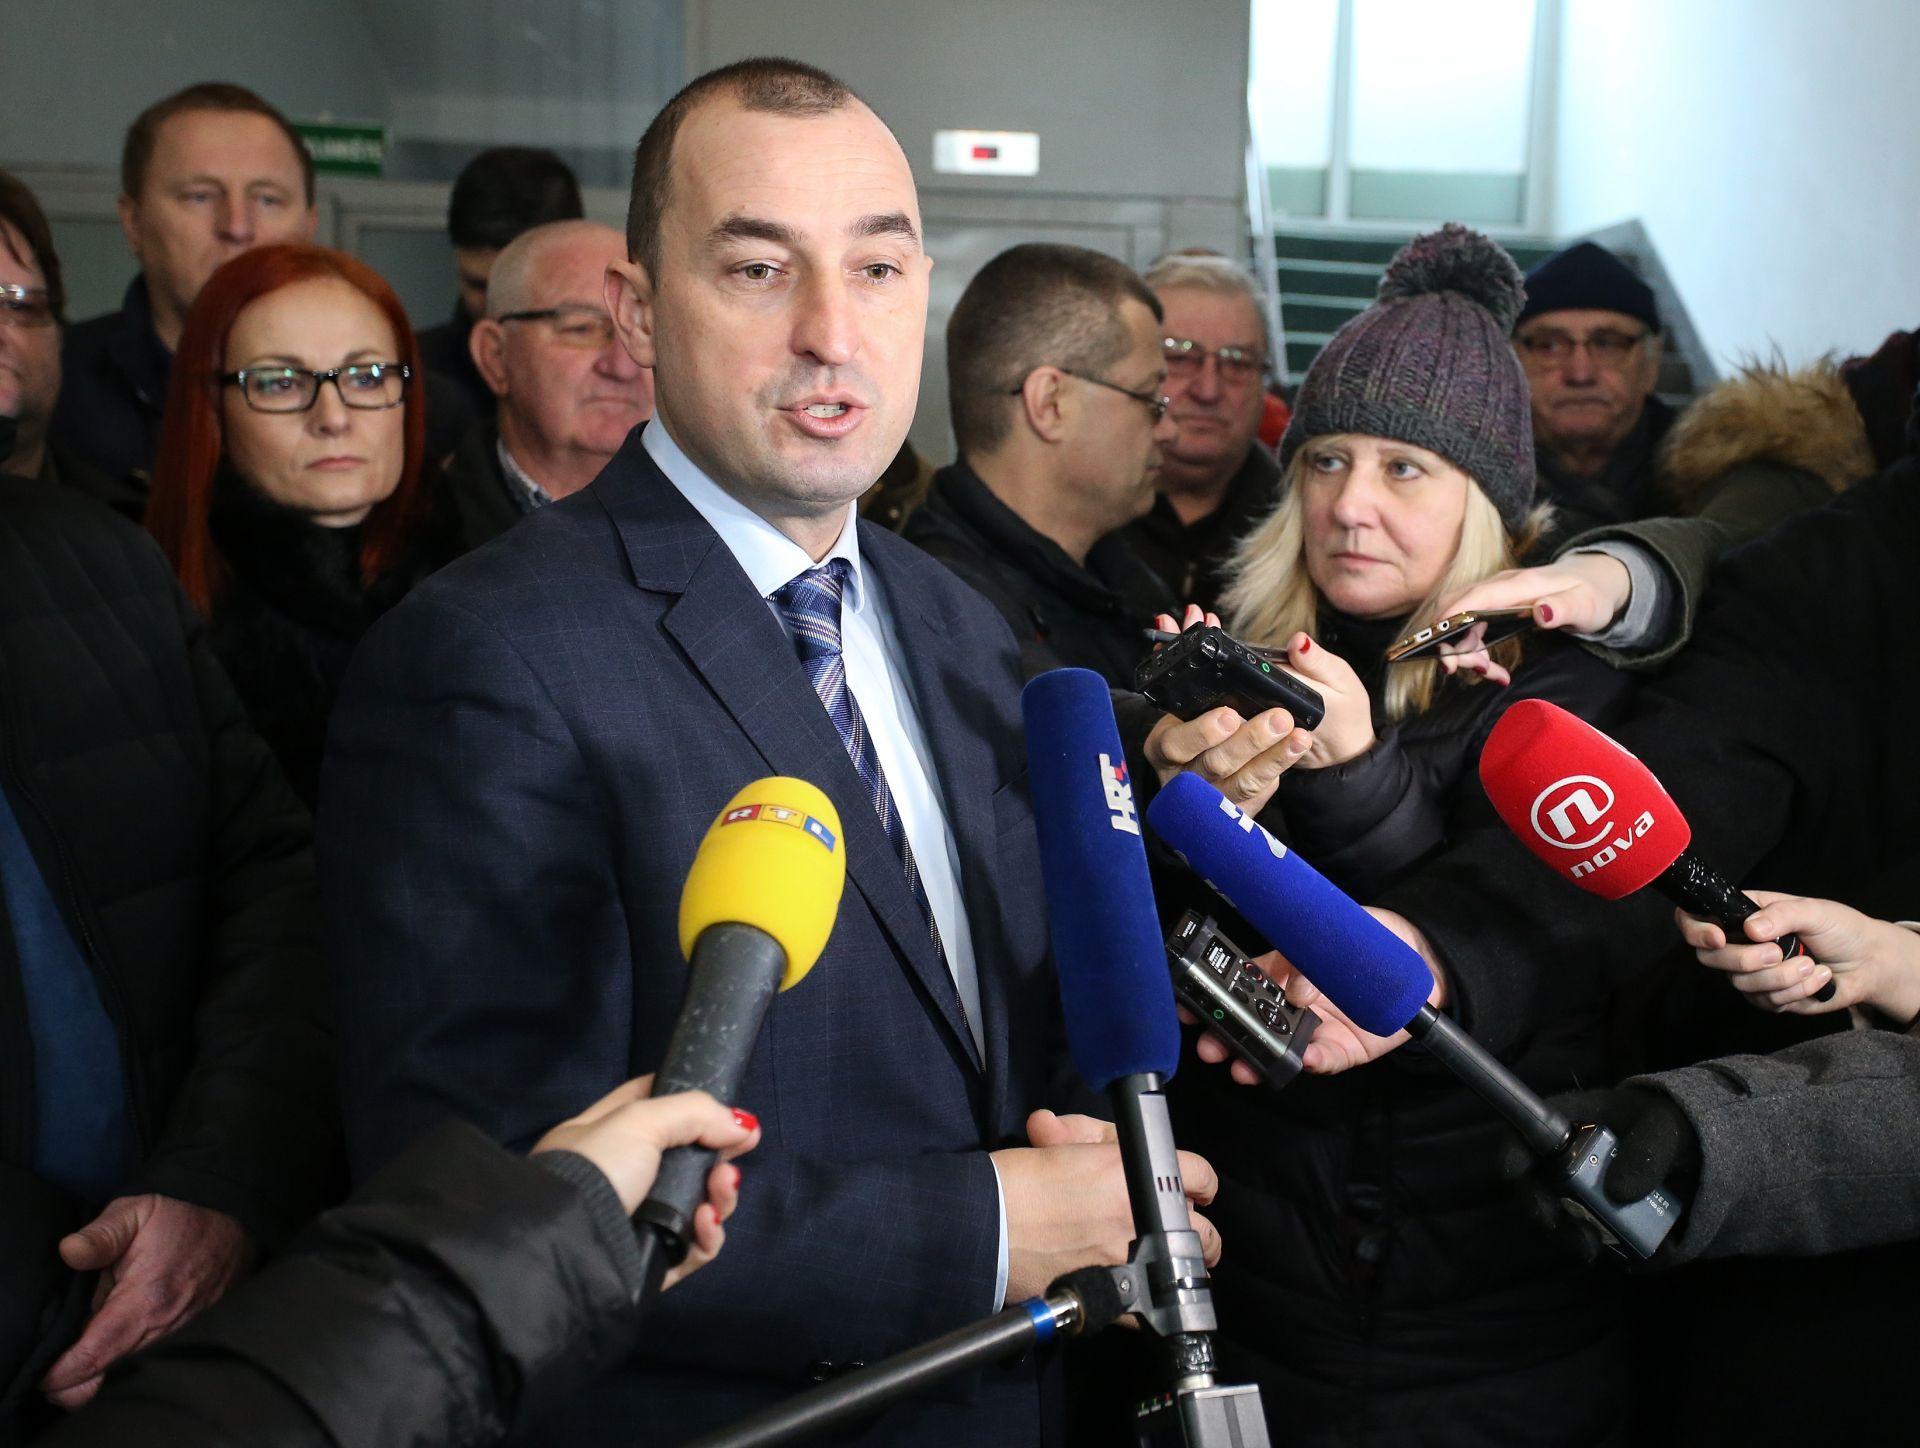 NAPUŠTANJE HSS-a Matić: 'Razlozi su nestatutarno djelovanje predsjednika stranke Kreše Beljaka'